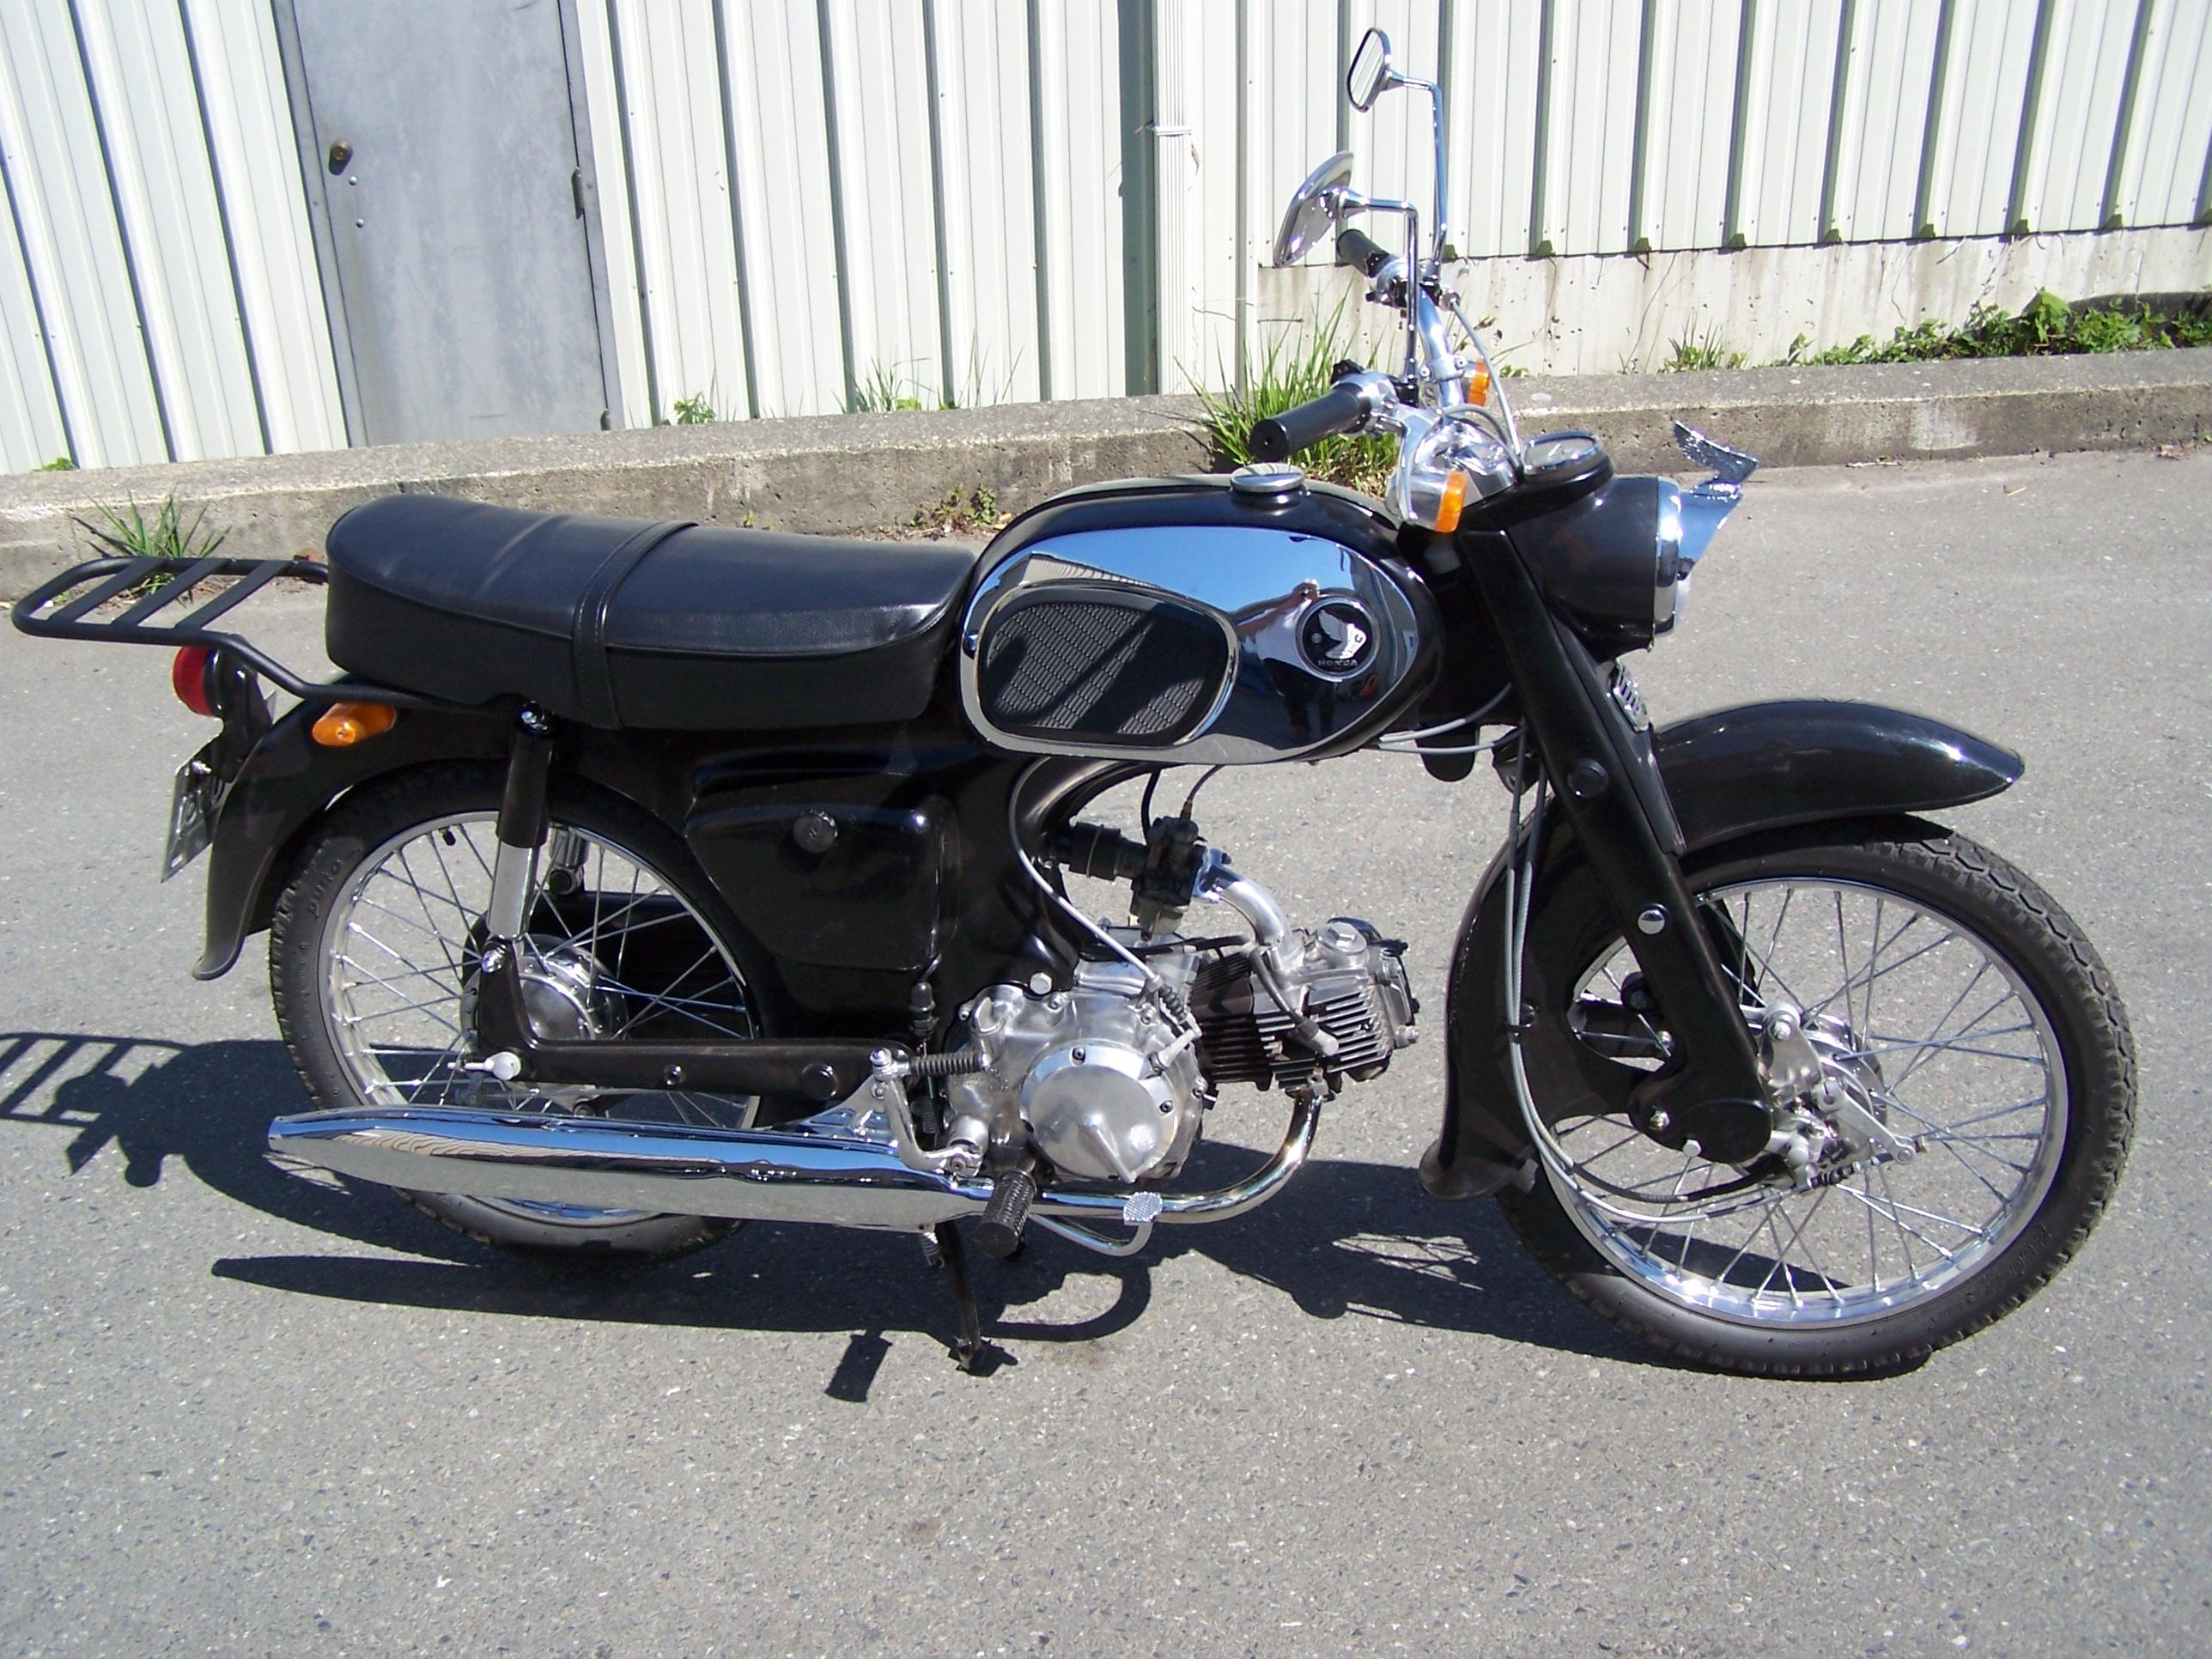 tammys-bike-jays-girlfriend-001